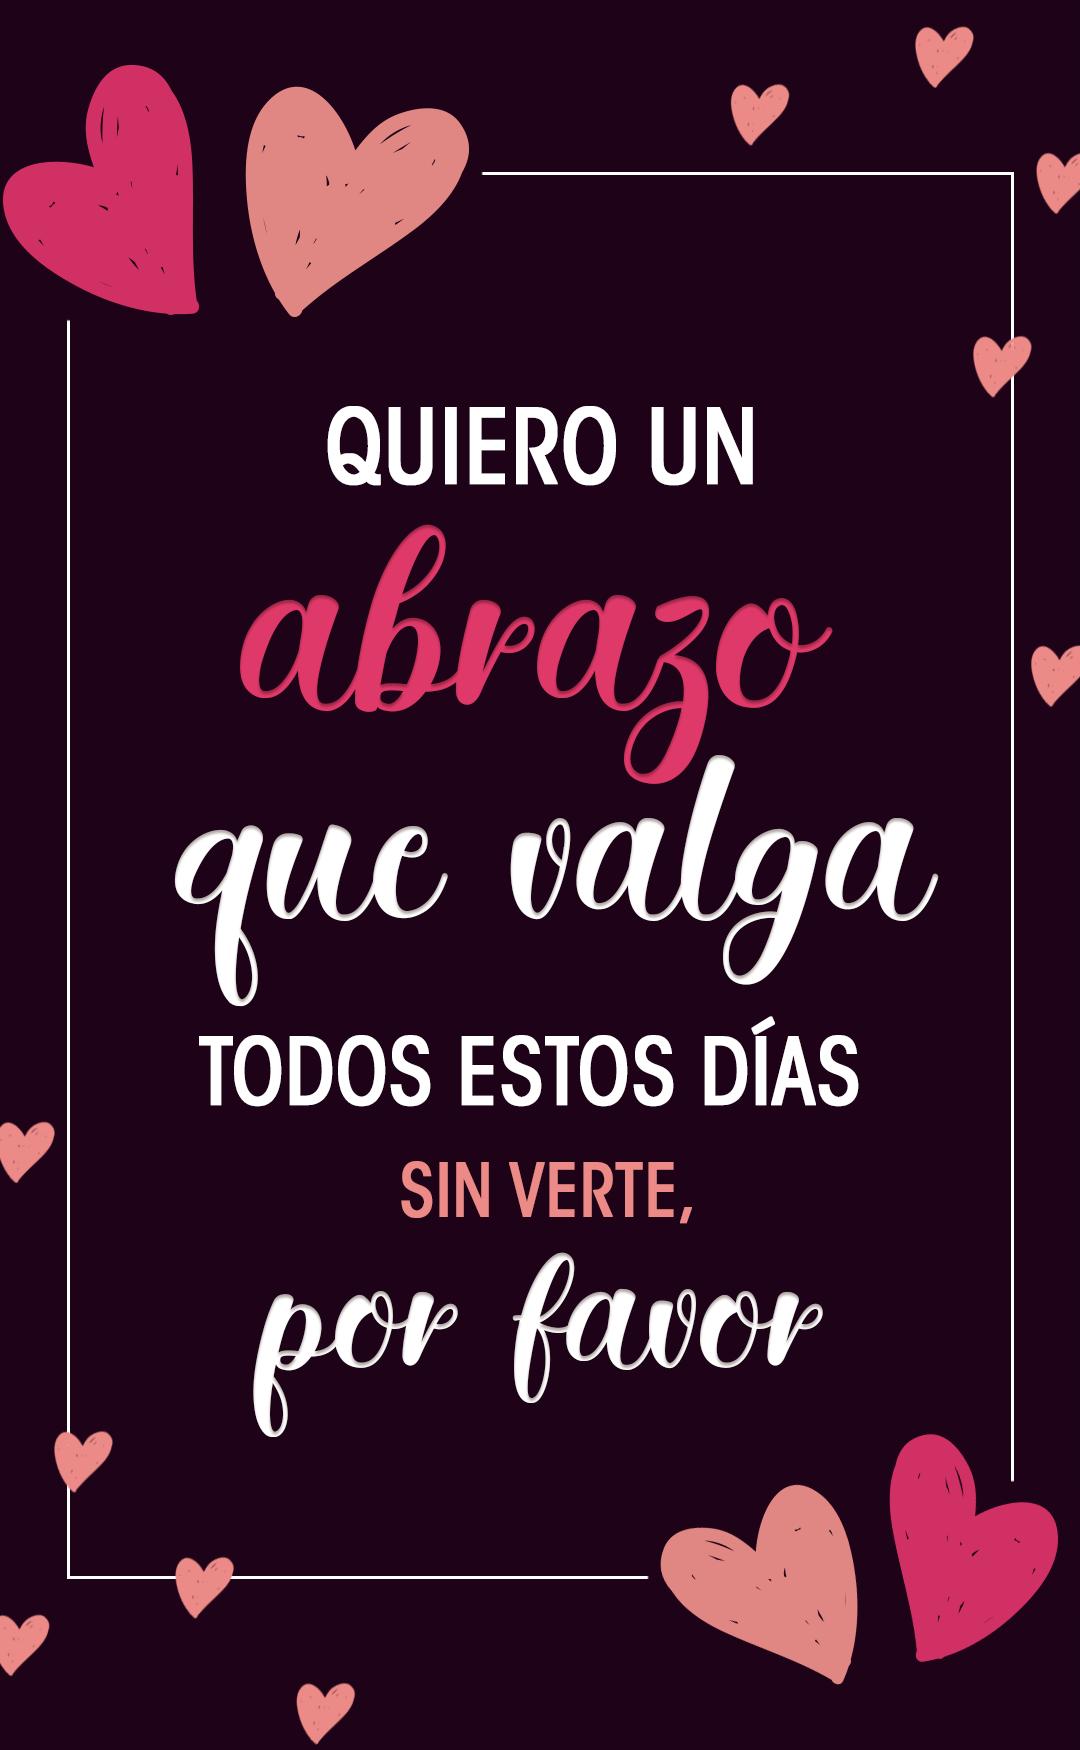 27 Frases De Amor Que Puedes Dedicar En Whatsapp Frases De